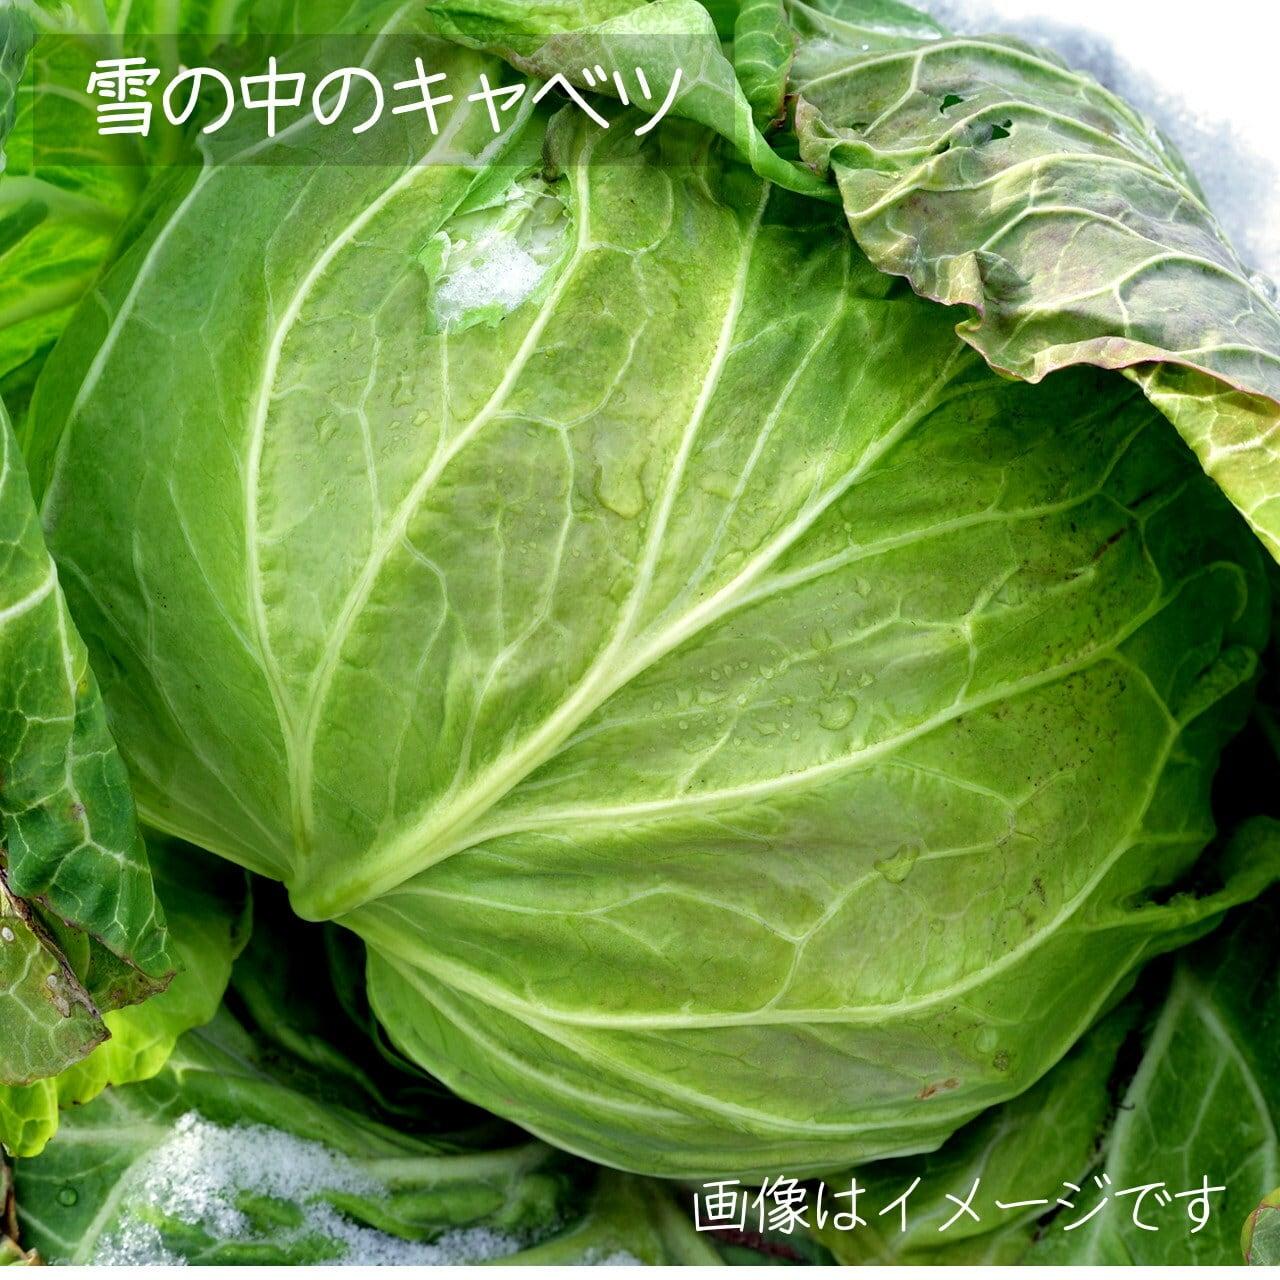 6月新鮮野菜 : キャベツ 1個 朝採り直売野菜 6月26日発送予定